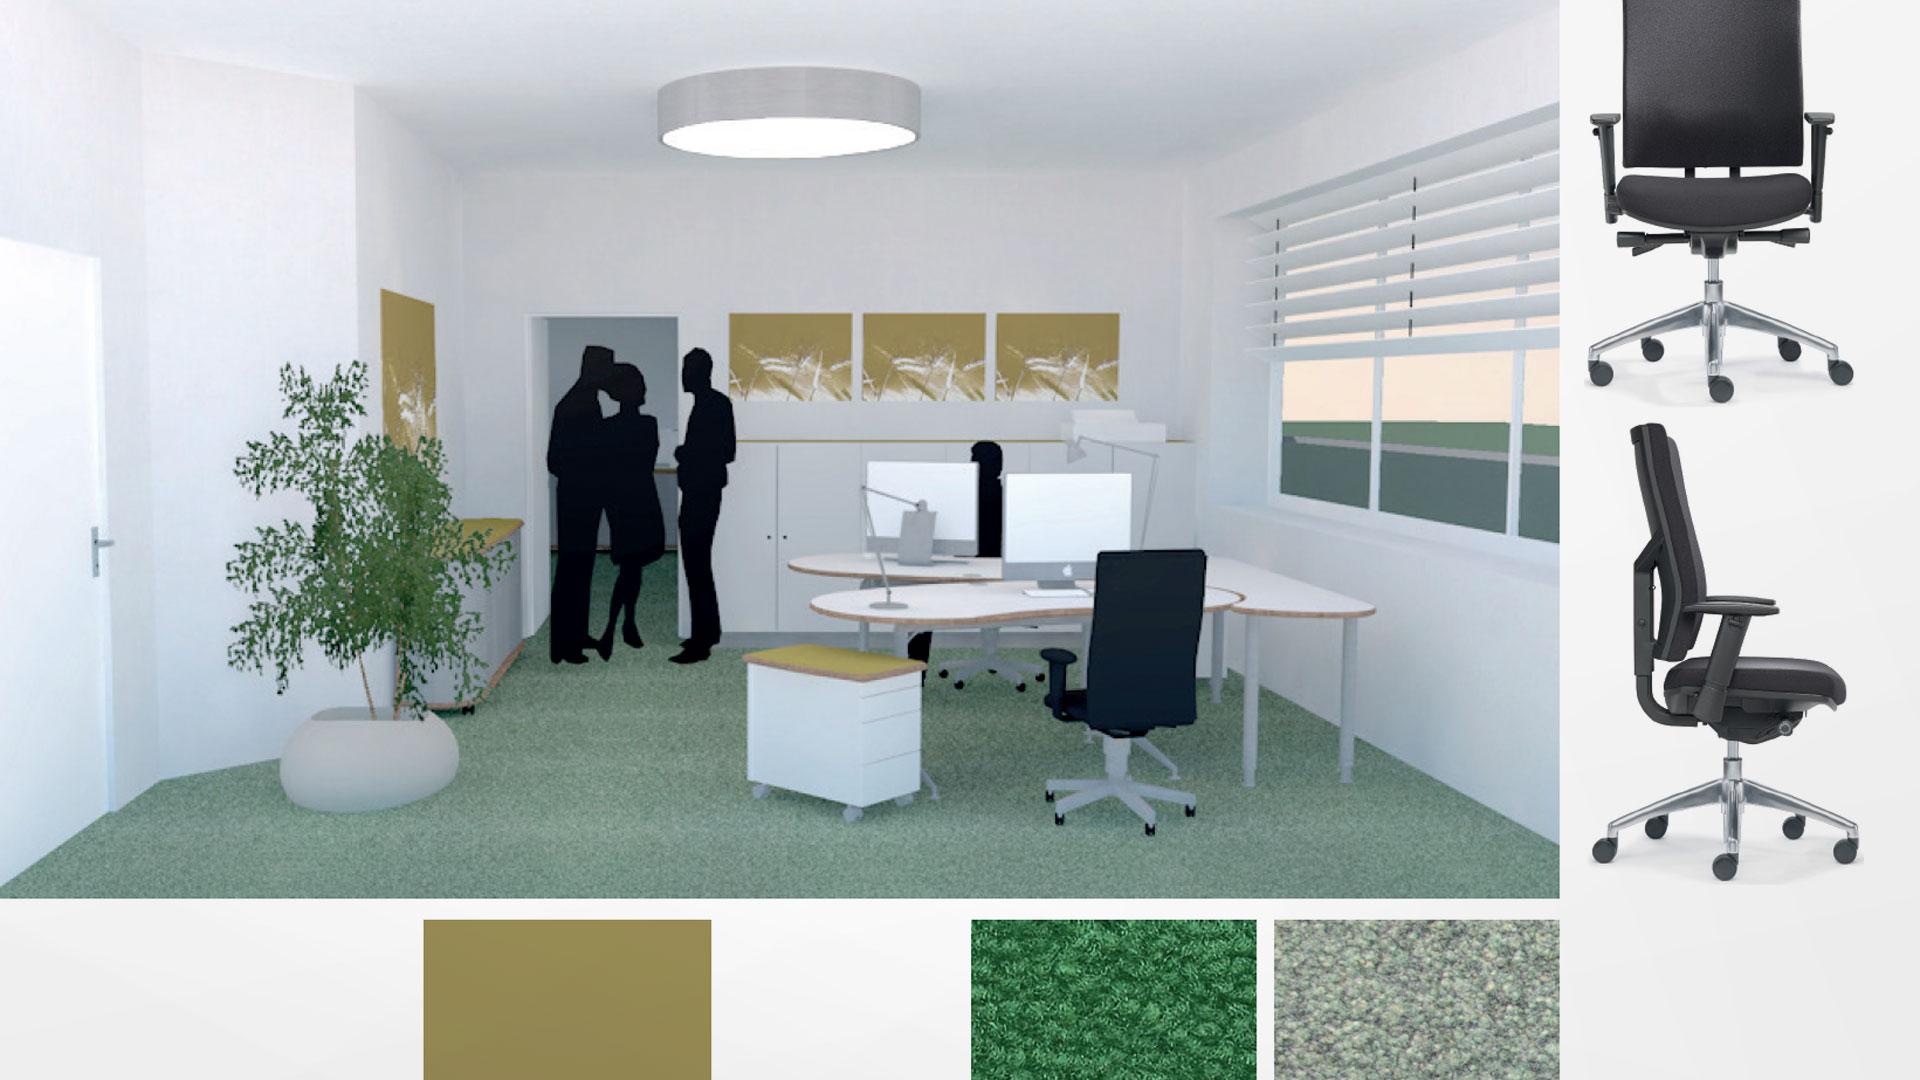 3D-Grafik eines Büroraumes mit vorgesehener Inneneinrichtung sowie Material- und Farbauswahl geplant durch Innenarchitektin Barbara Jurk von atelier8 in Frankfurt